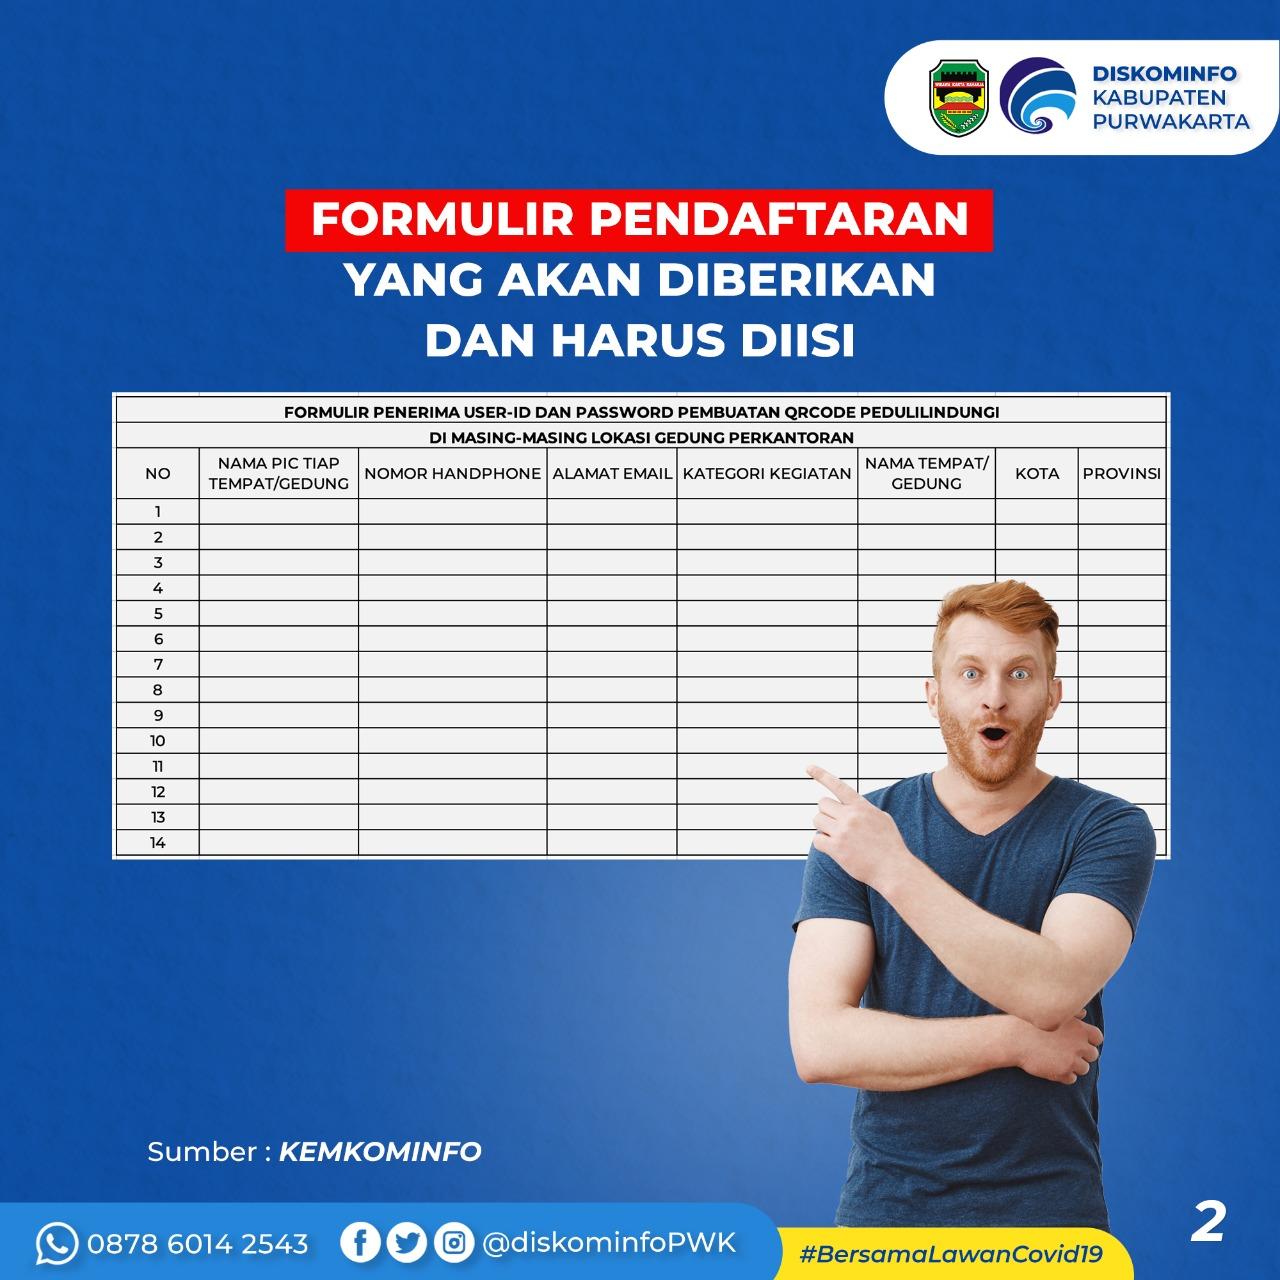 Formulir Pendaftaran yang Akan Diberikan dan Diisi